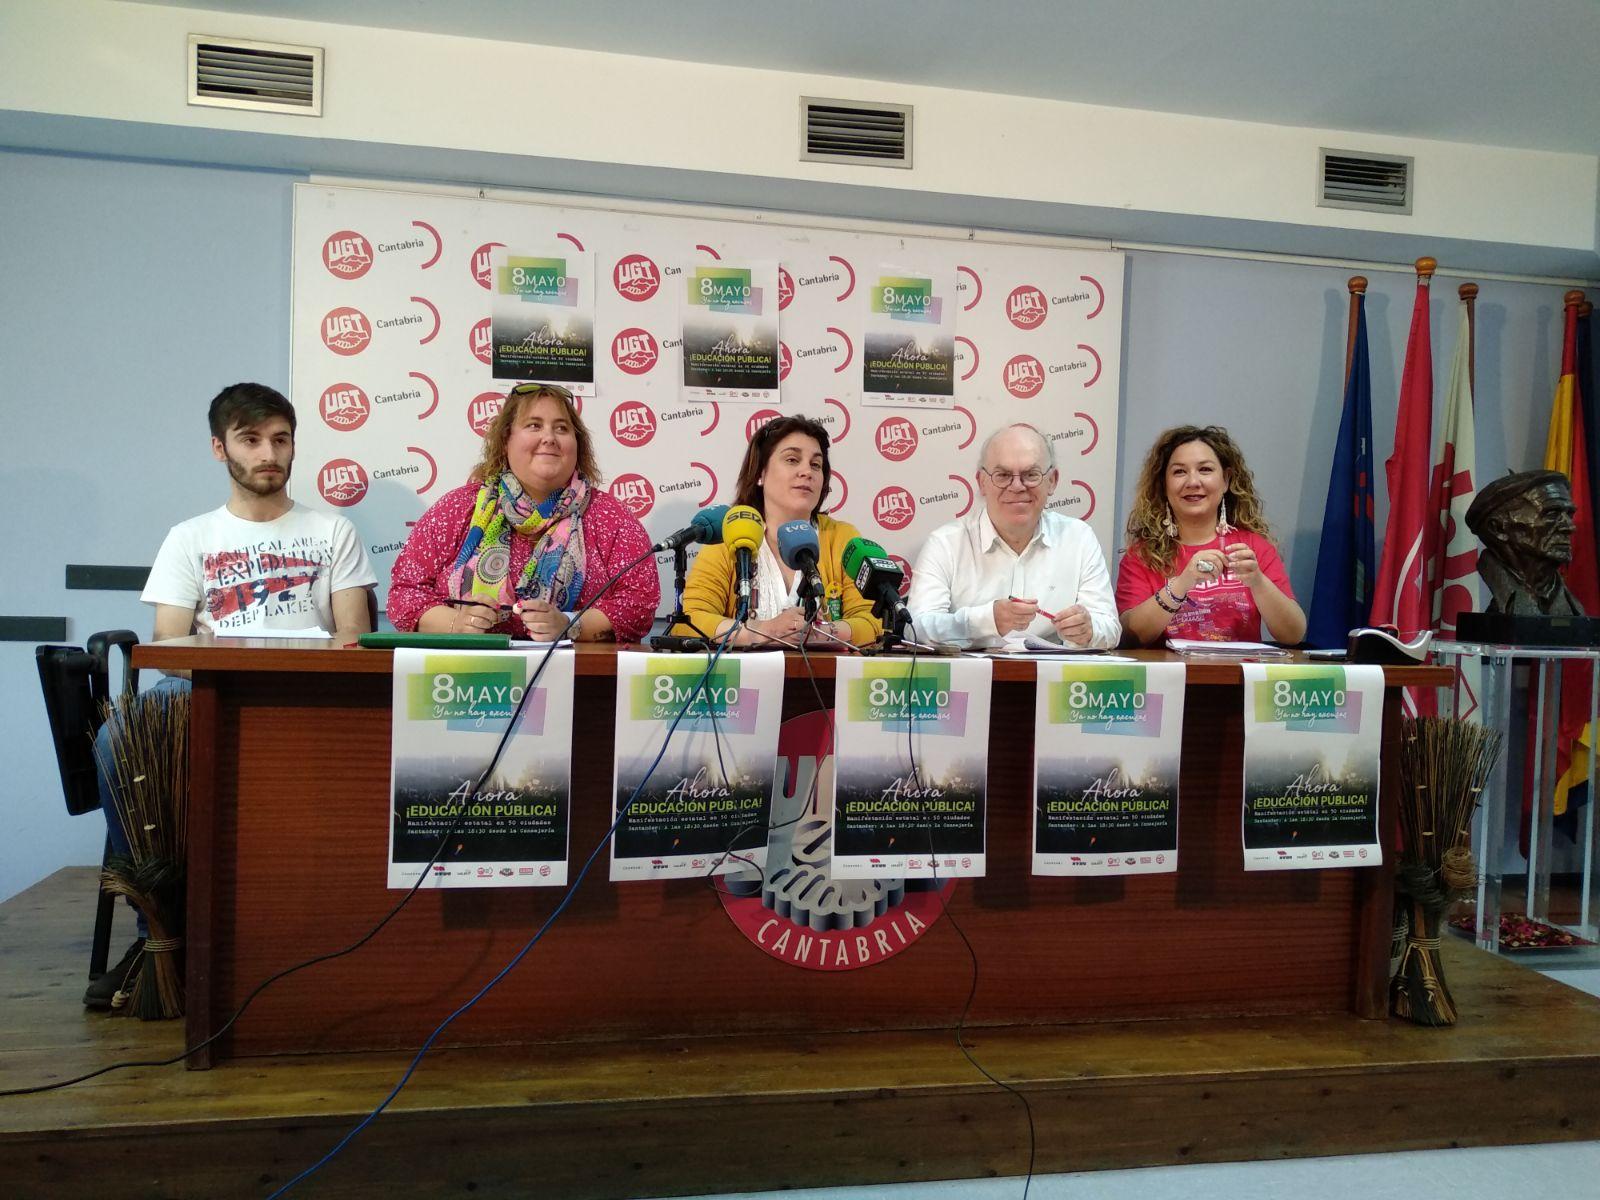 Protestas en Cantabria a favor de la enseñanza pública y contra la LOMCE